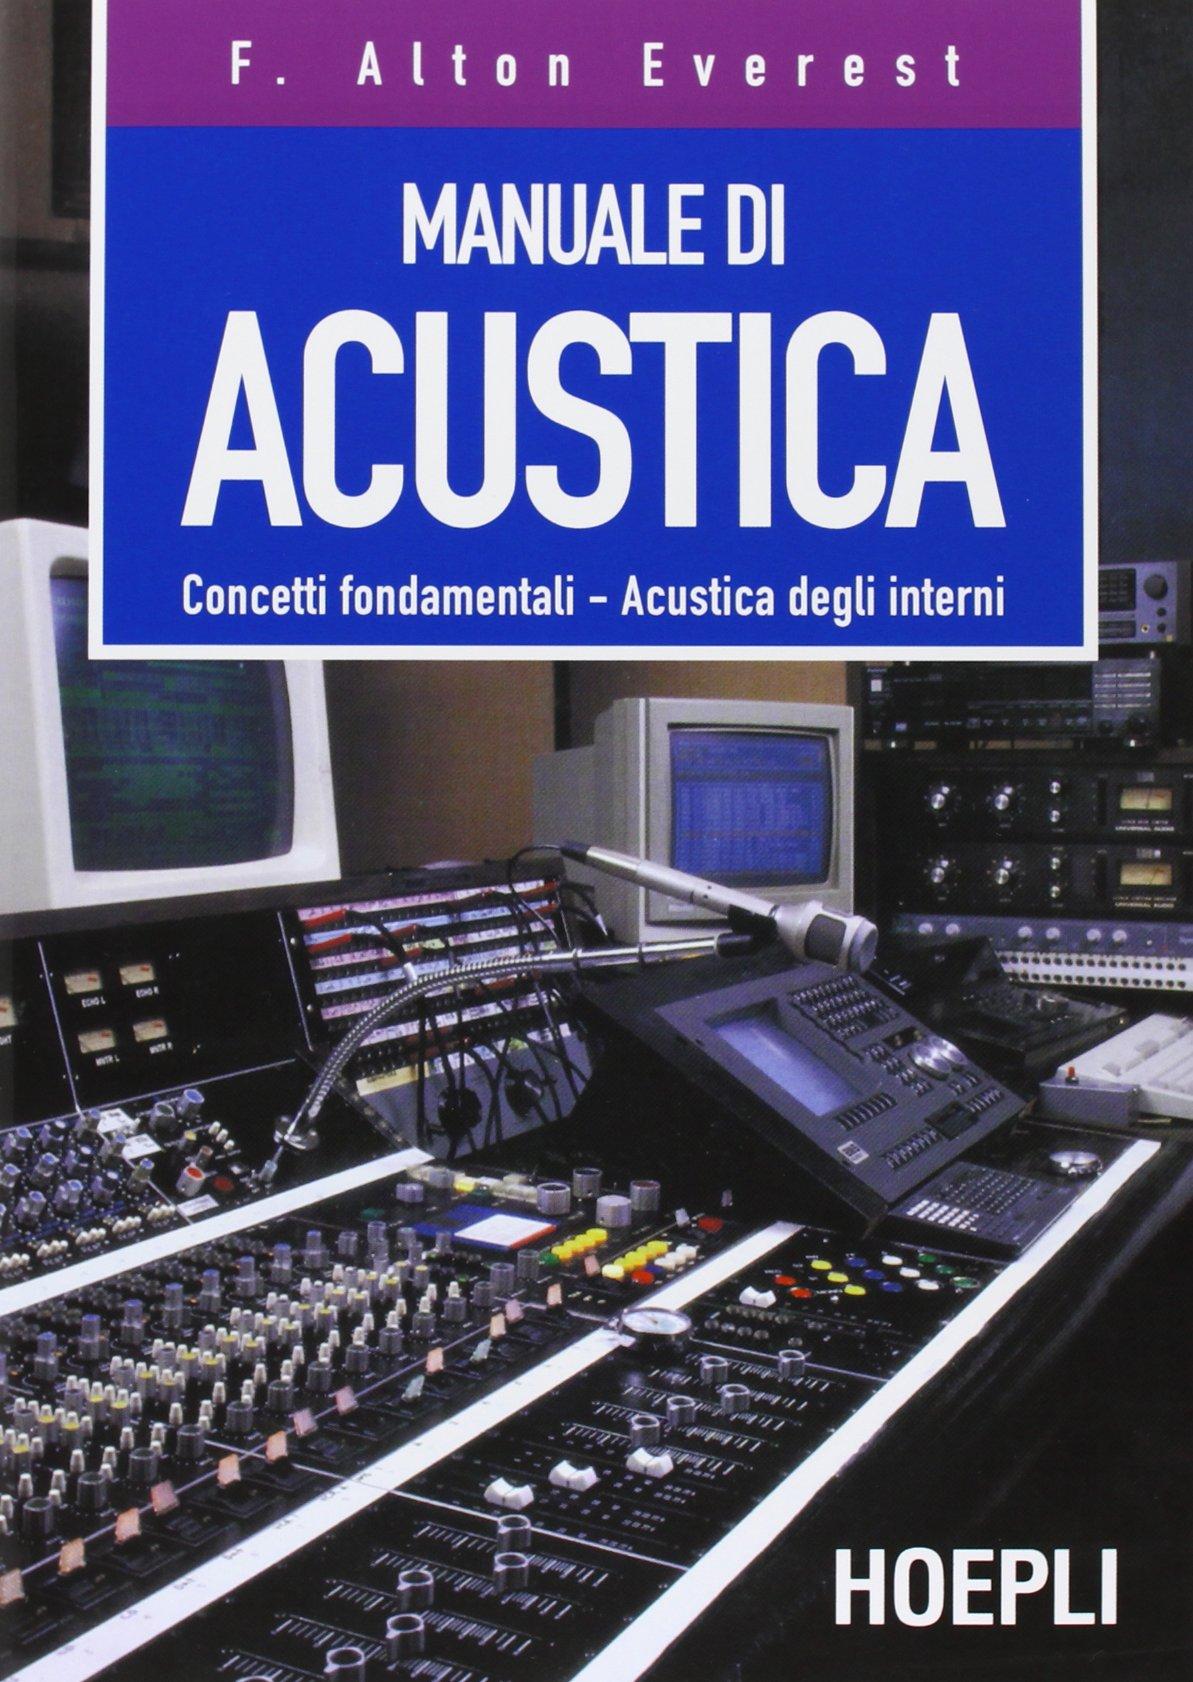 Manuale di acustica: Amazon.it: F. Alton Everest, D. Fuselli, G.  Bertinotti, R. Minerva: Libri